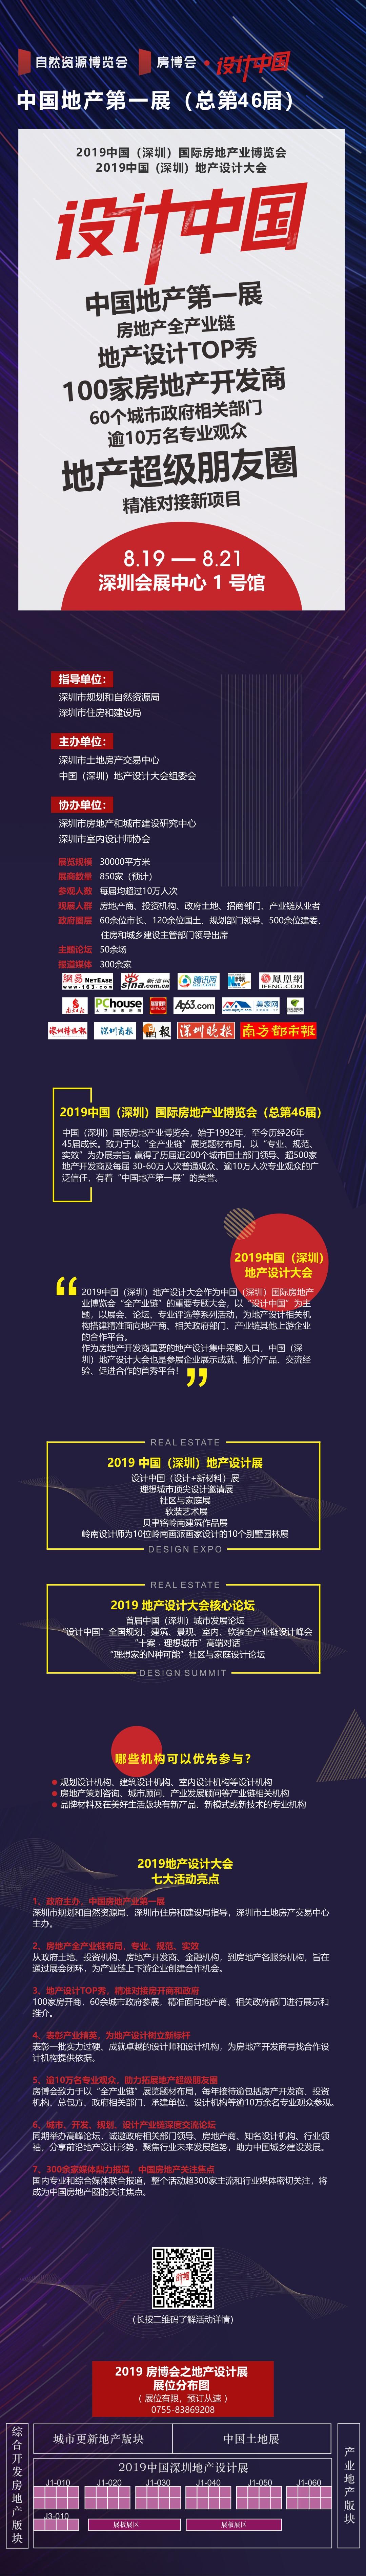 设计中国.jpg